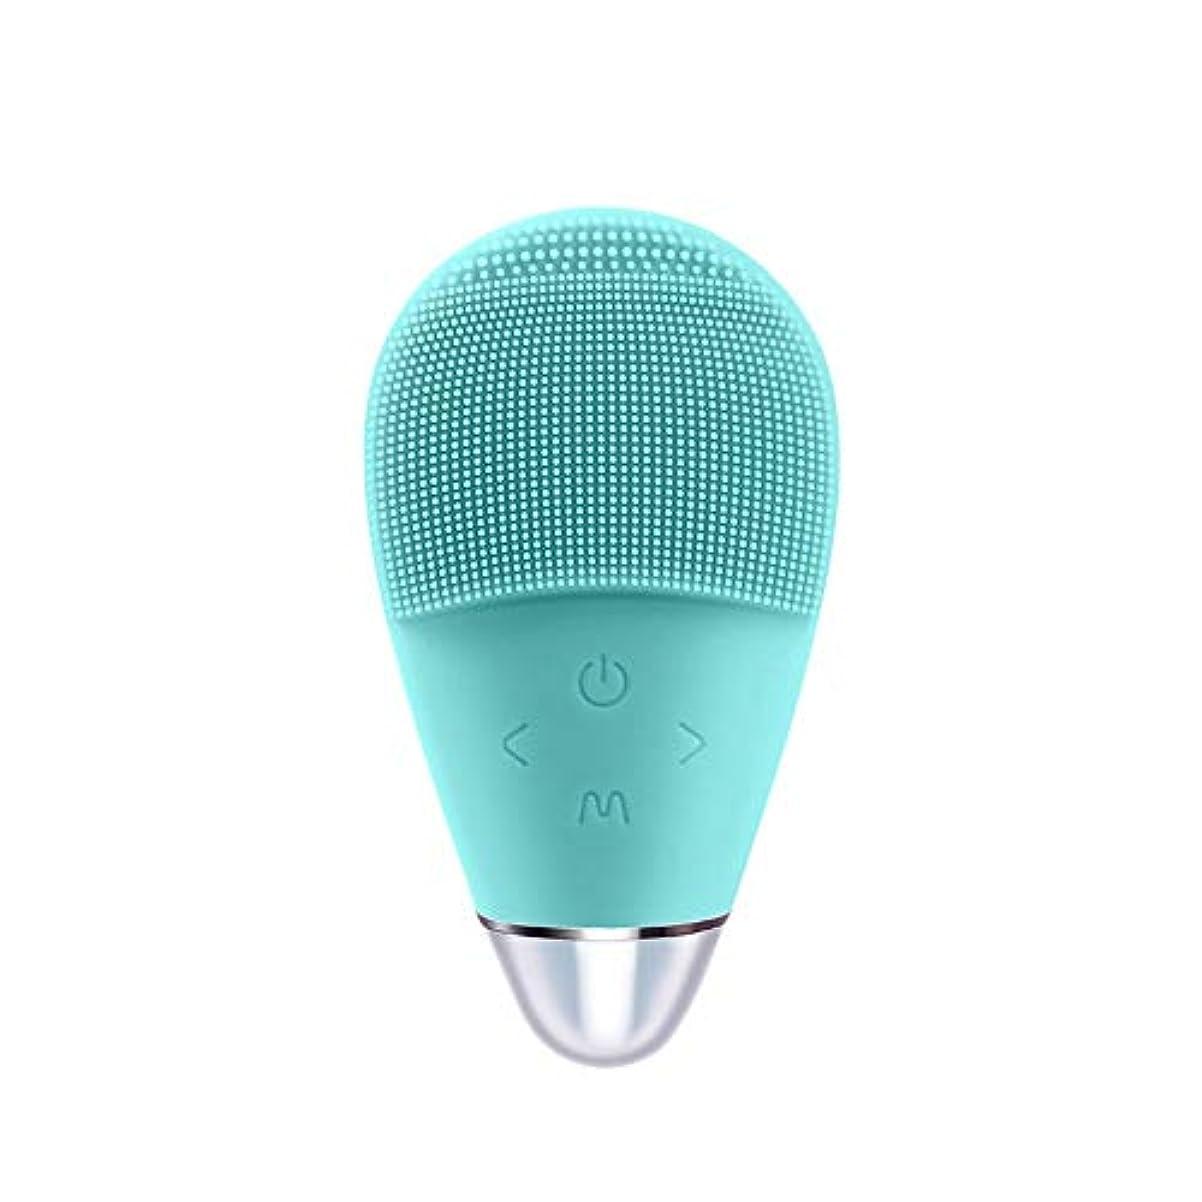 自信があるの中で辞任シリコーン洗浄器具電気洗濯機超音波美容器具顔の毛穴クリーナー (Color : Blue)